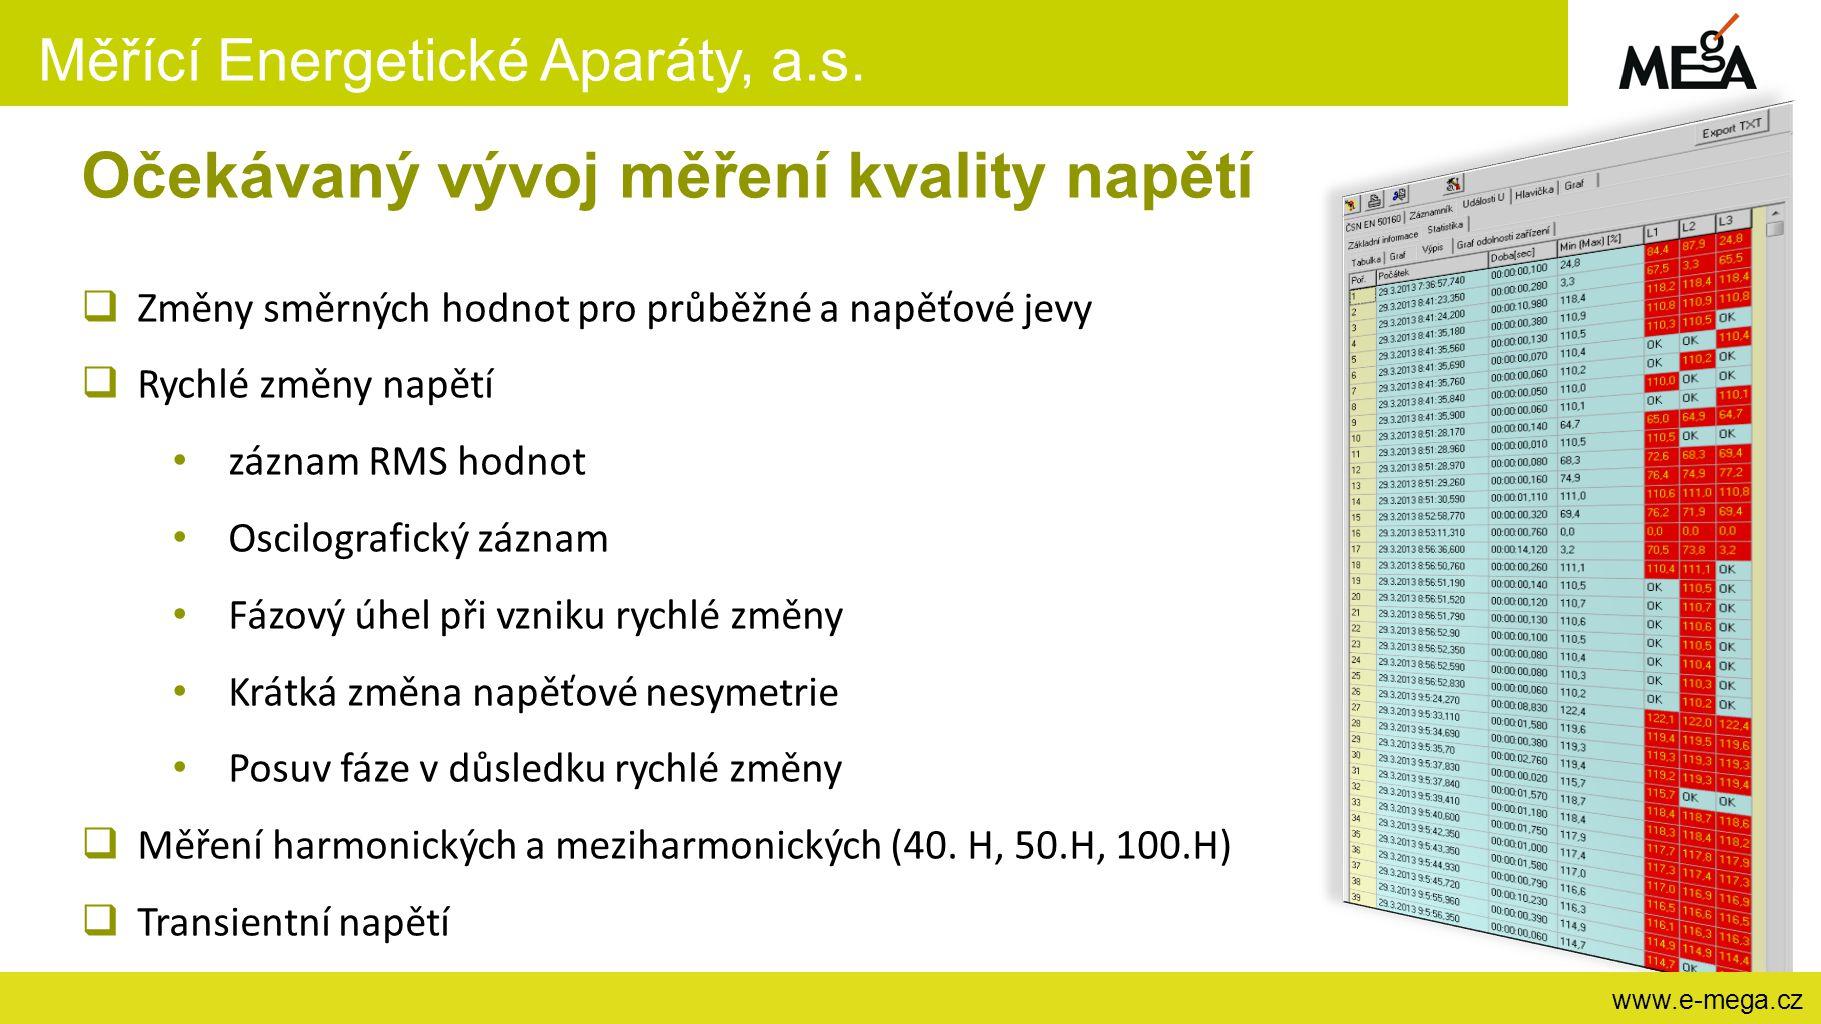 Měřící Energetické Aparáty, a.s. www.e-mega.cz Očekávaný vývoj měření kvality napětí  Změny směrných hodnot pro průběžné a napěťové jevy  Rychlé změ